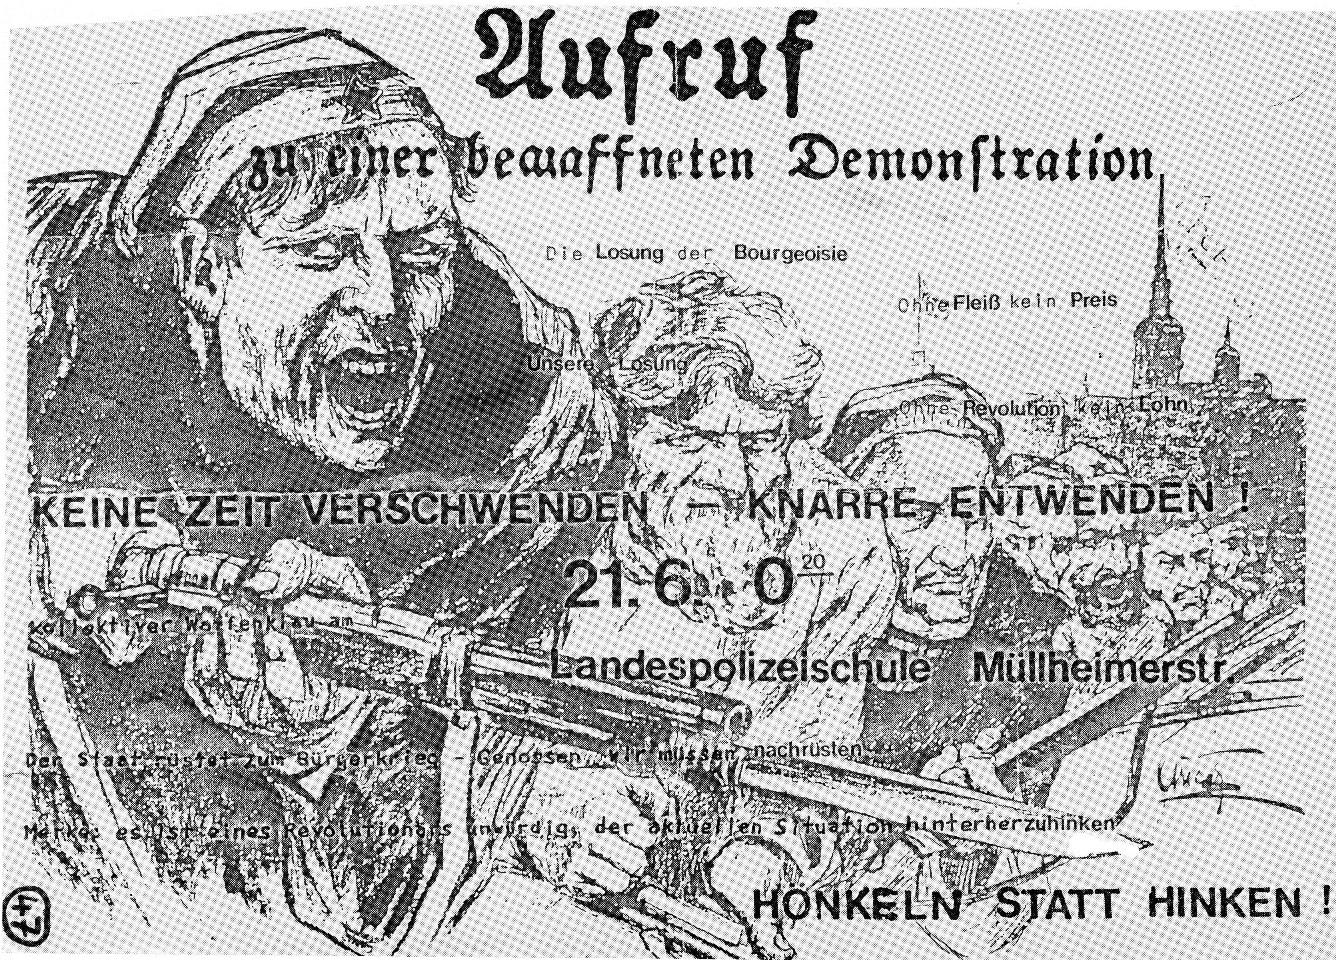 Freiburg_Hausbesetzung_03_Willi_und_andere_47